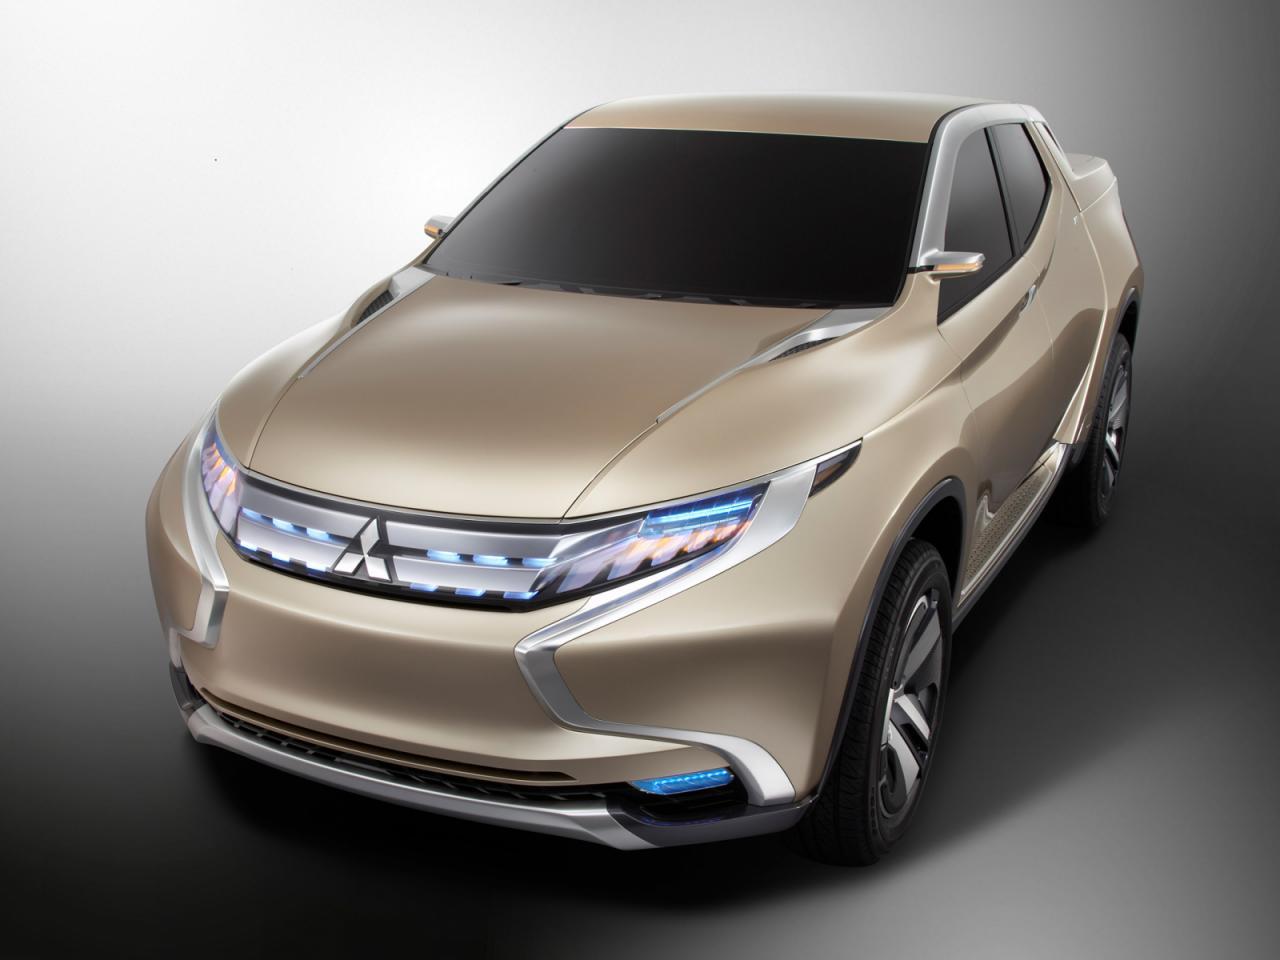 Mitsubishi Triton thế hệ mới sẽ được phát triển dựa trên GR-HEV Concept.